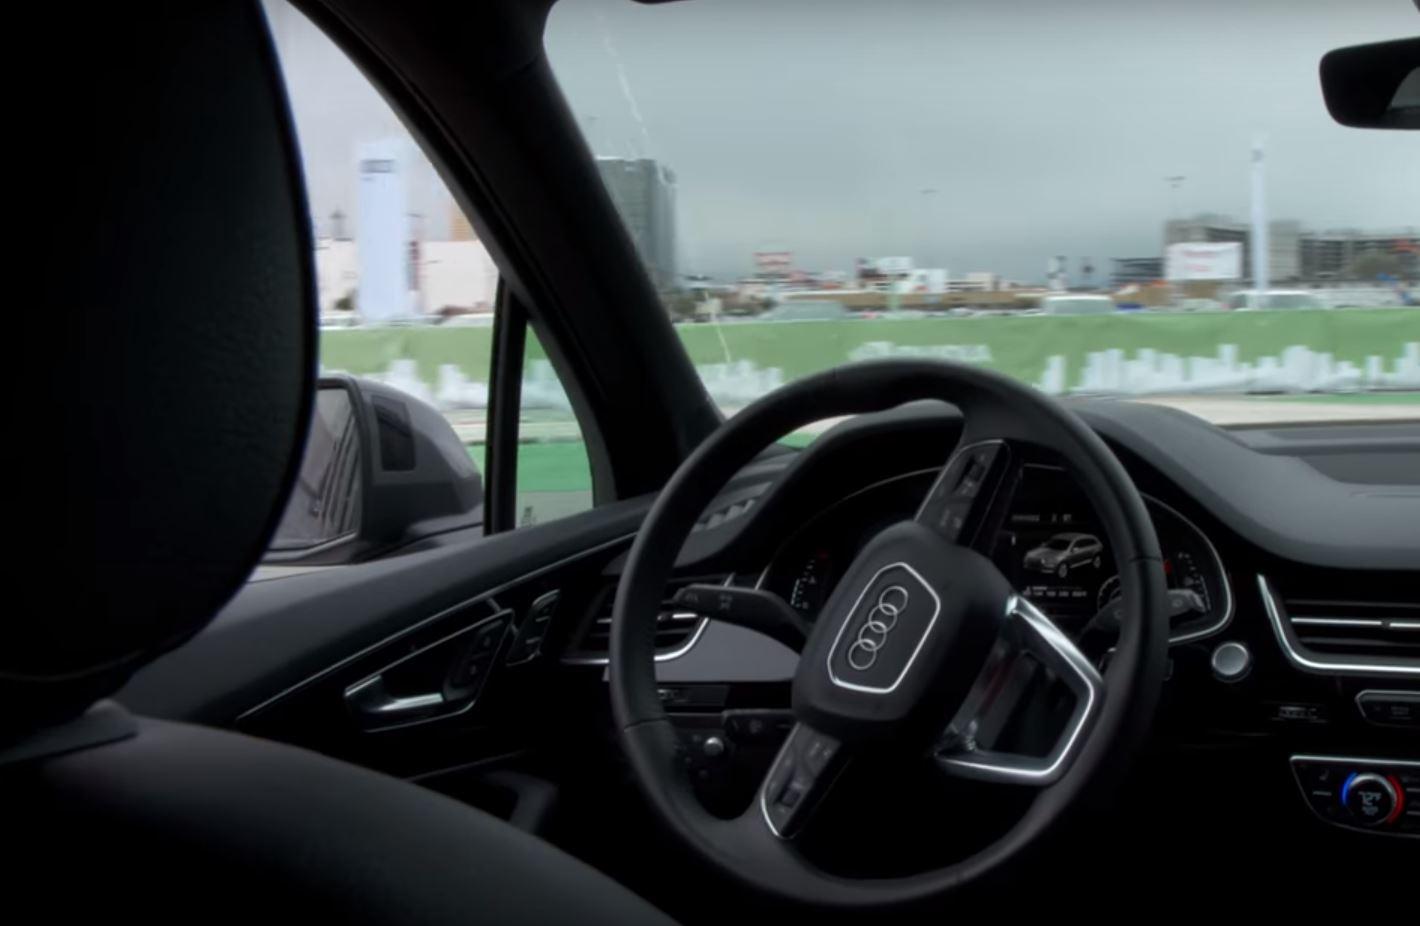 Искусственный интеллект сможет помочь автономному автомобилю предугадать поведение пешехода